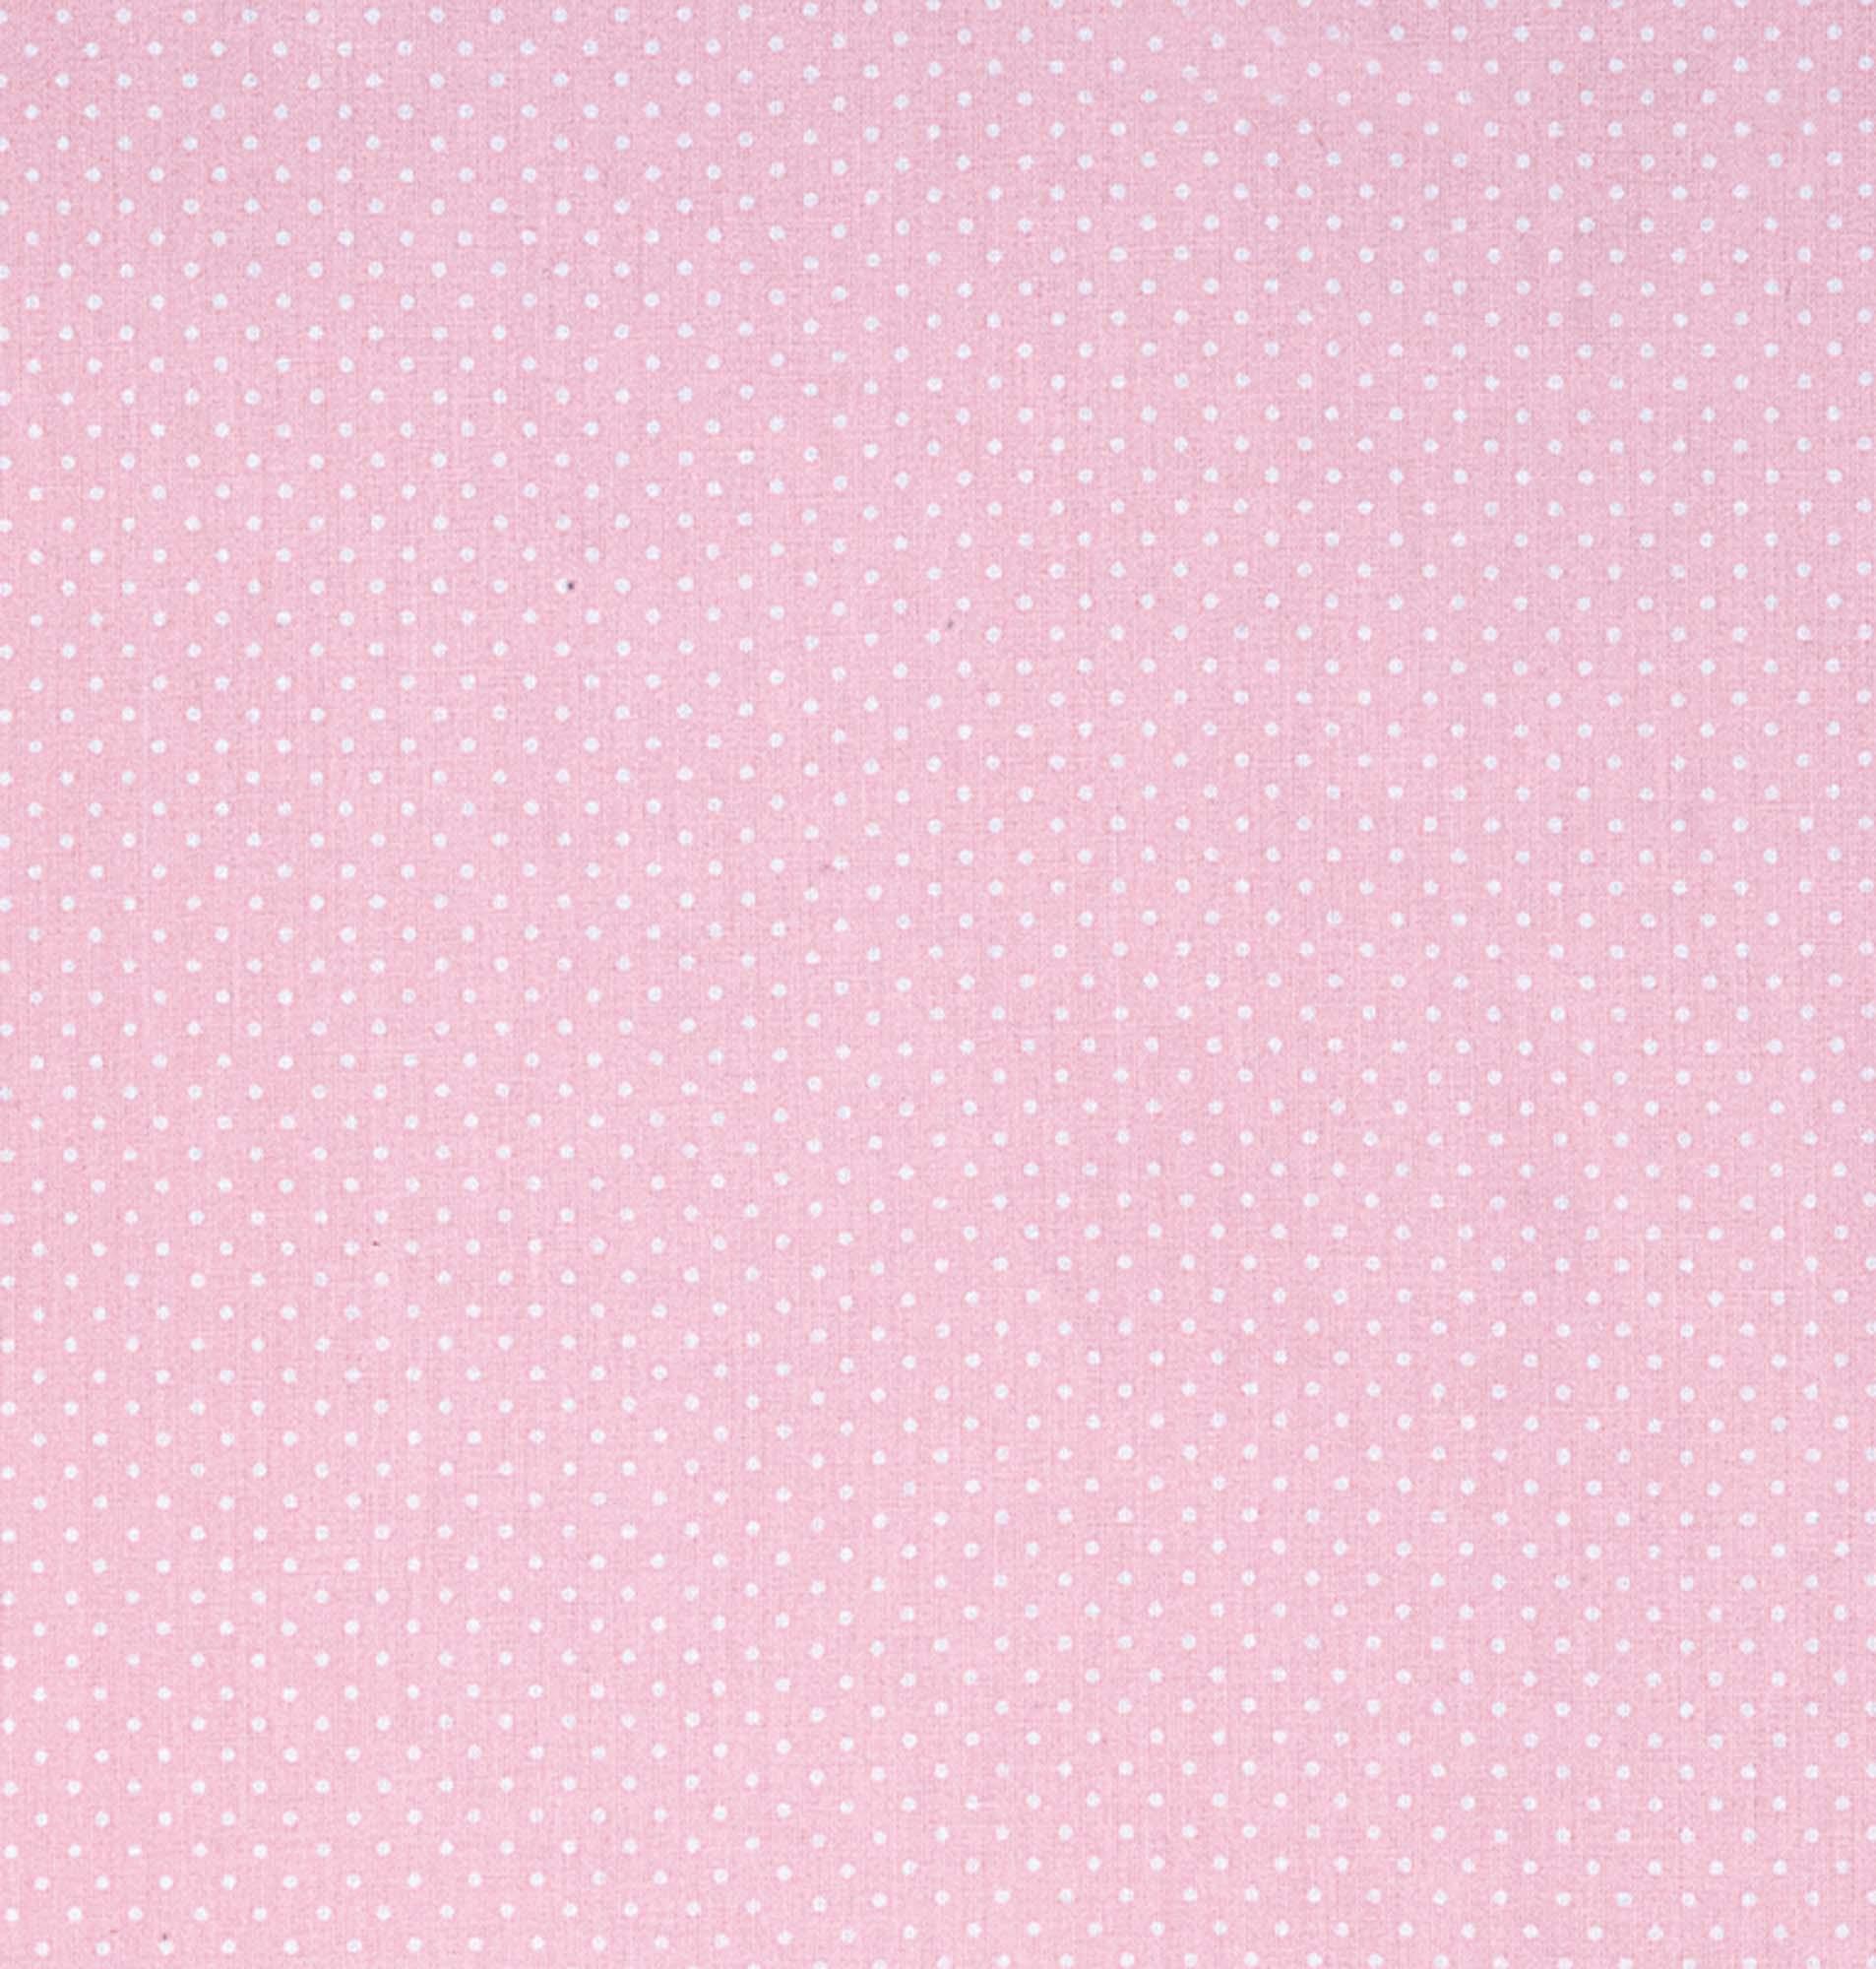 Tecido tricoline estampado dohler 100% algodão poa rosa/bebê